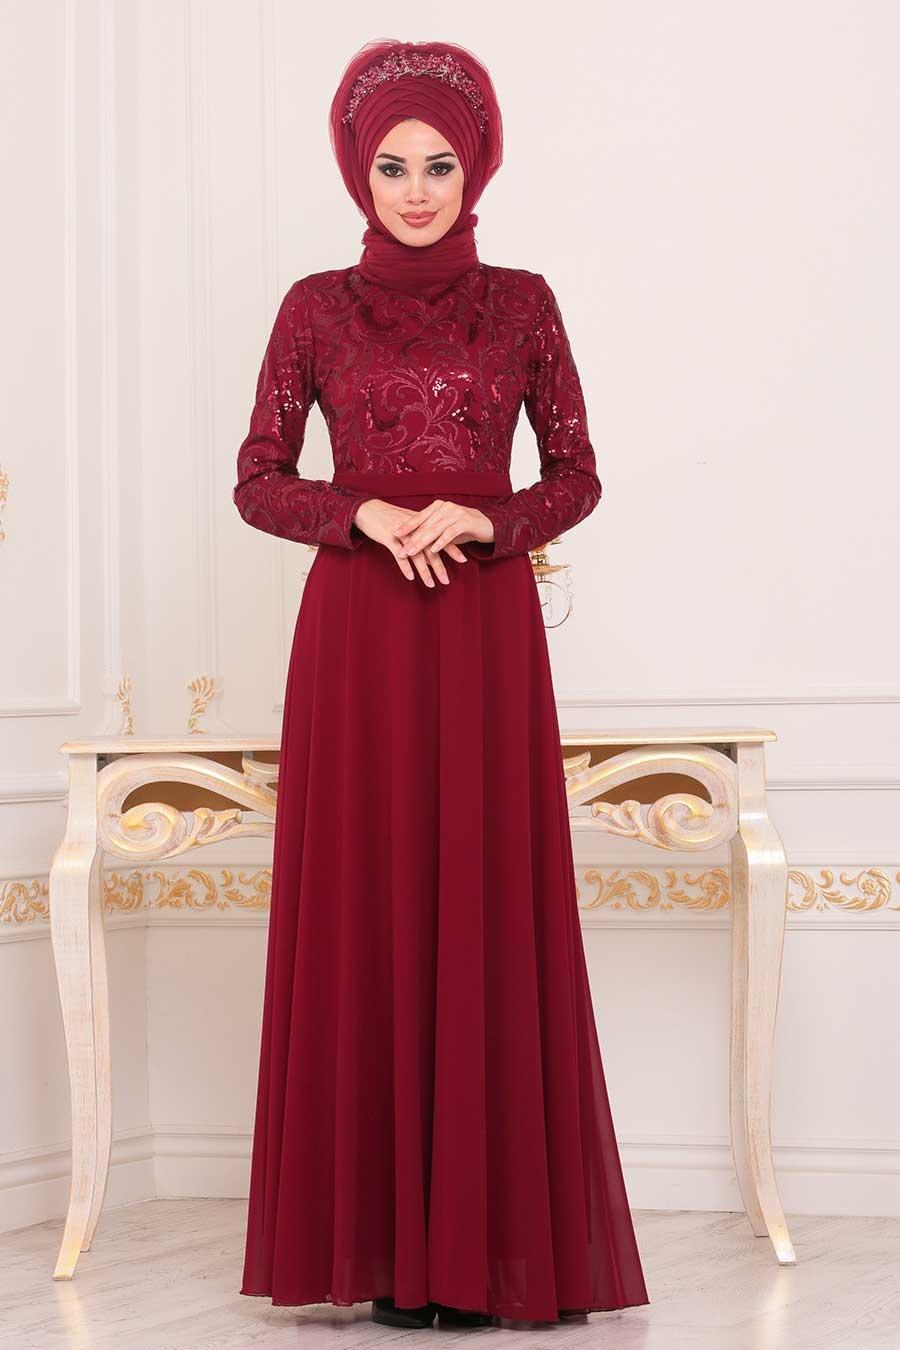 Tesettürlü Abiye Elbise - Pul Payetli Bordo Tesettür Abiye Elbise 8677BR